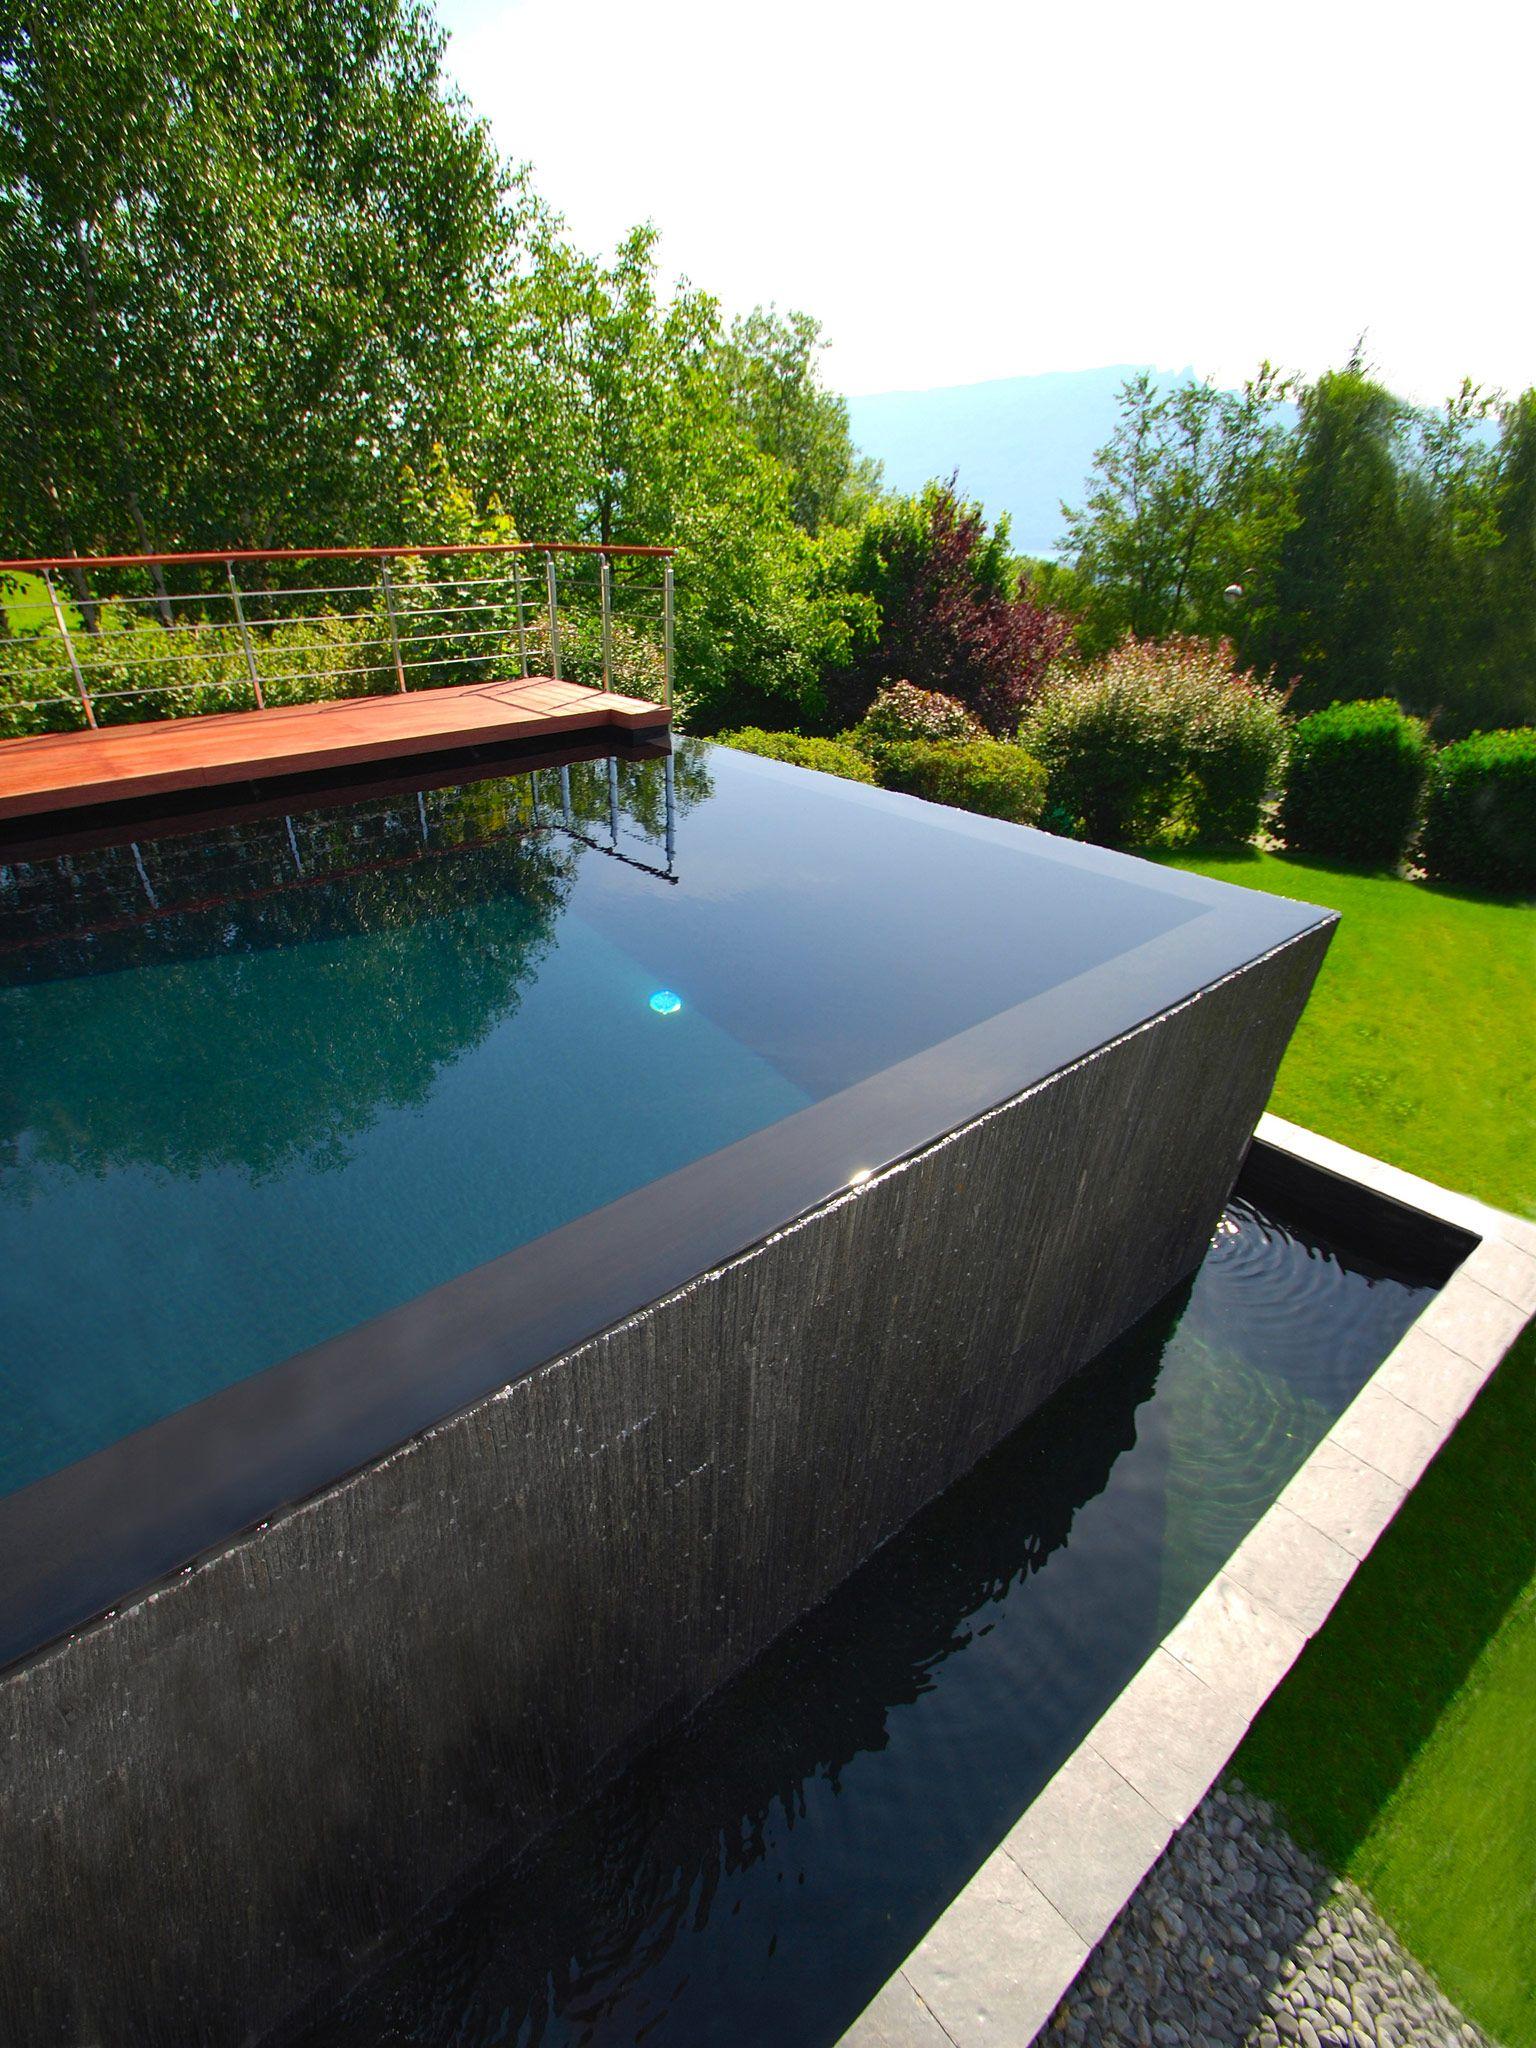 le d bordement par l 39 esprit piscine 10 x 5 m rev tement. Black Bedroom Furniture Sets. Home Design Ideas